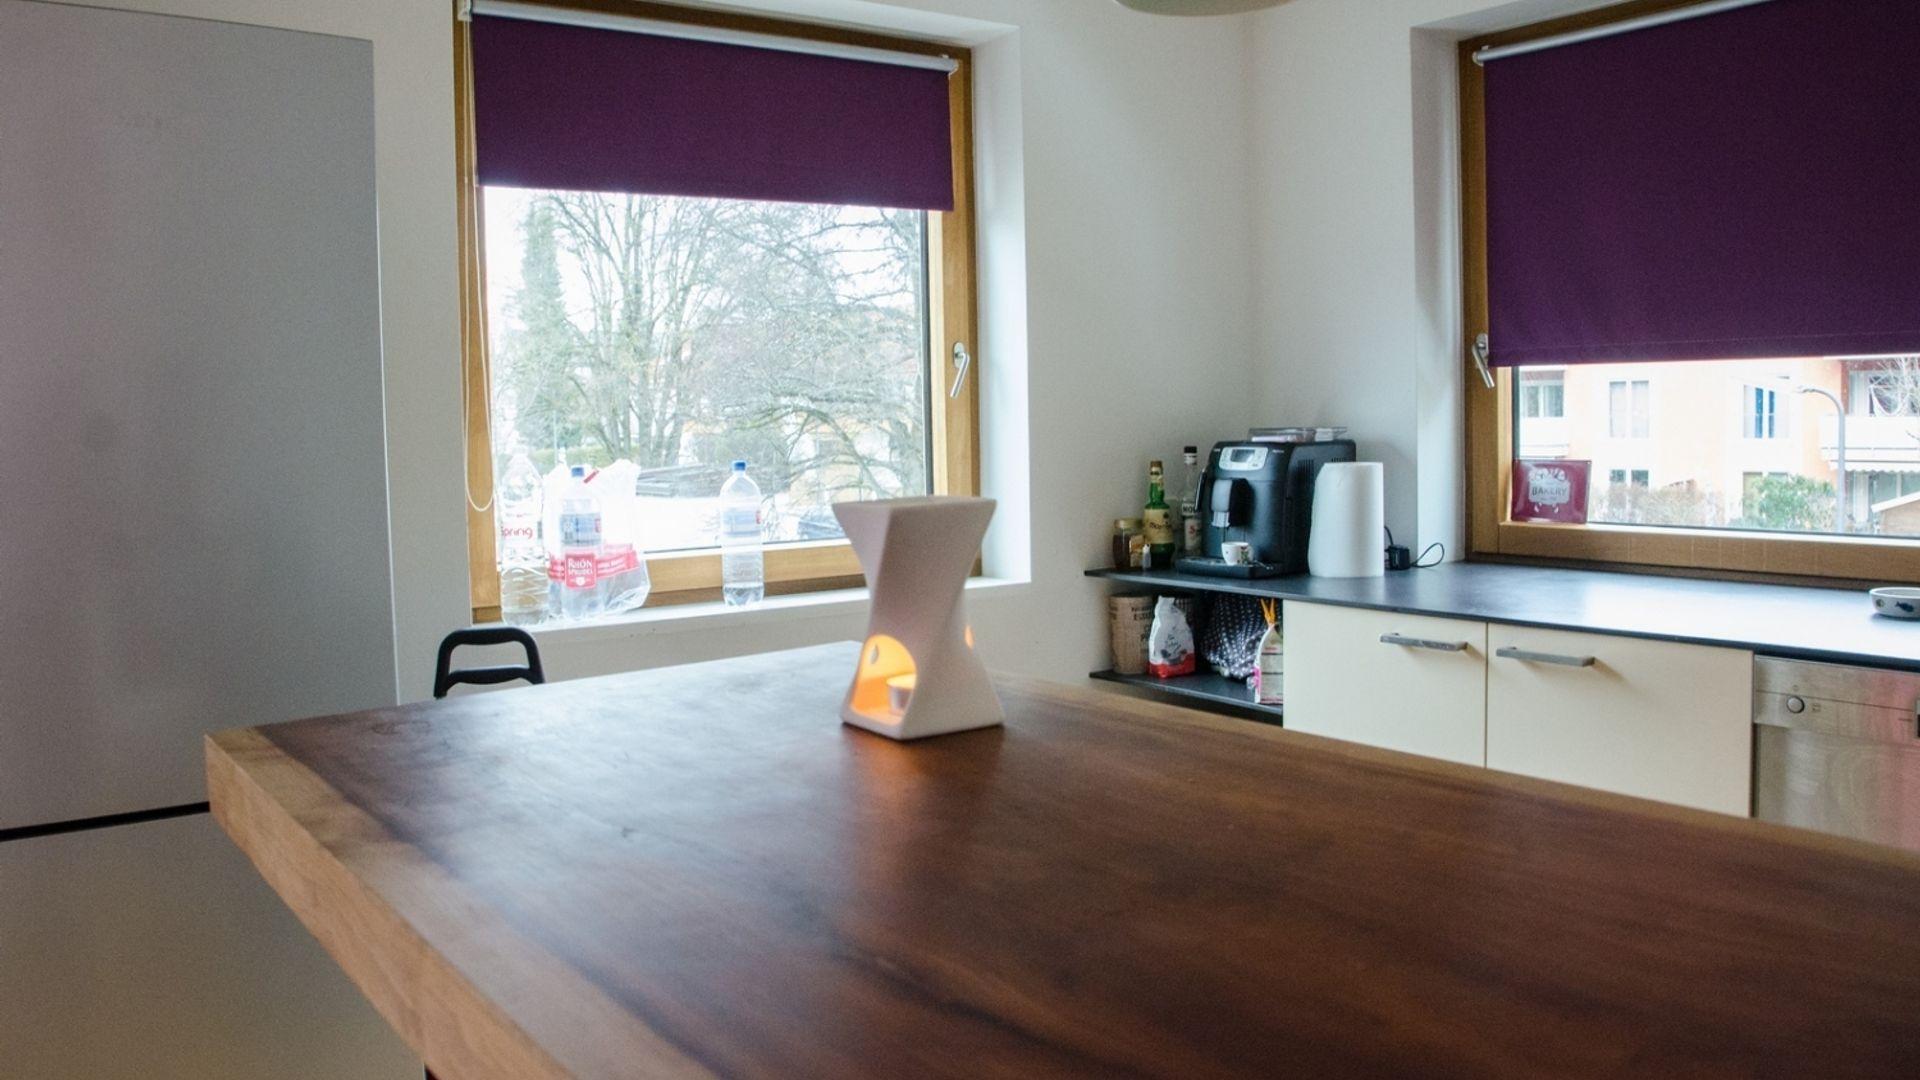 Full Size of Einbauküche Ohne Kühlschrank Komplettküche Billig Miele Komplettküche Komplettküche Mit Geräten Küche Einbauküche Ohne Kühlschrank